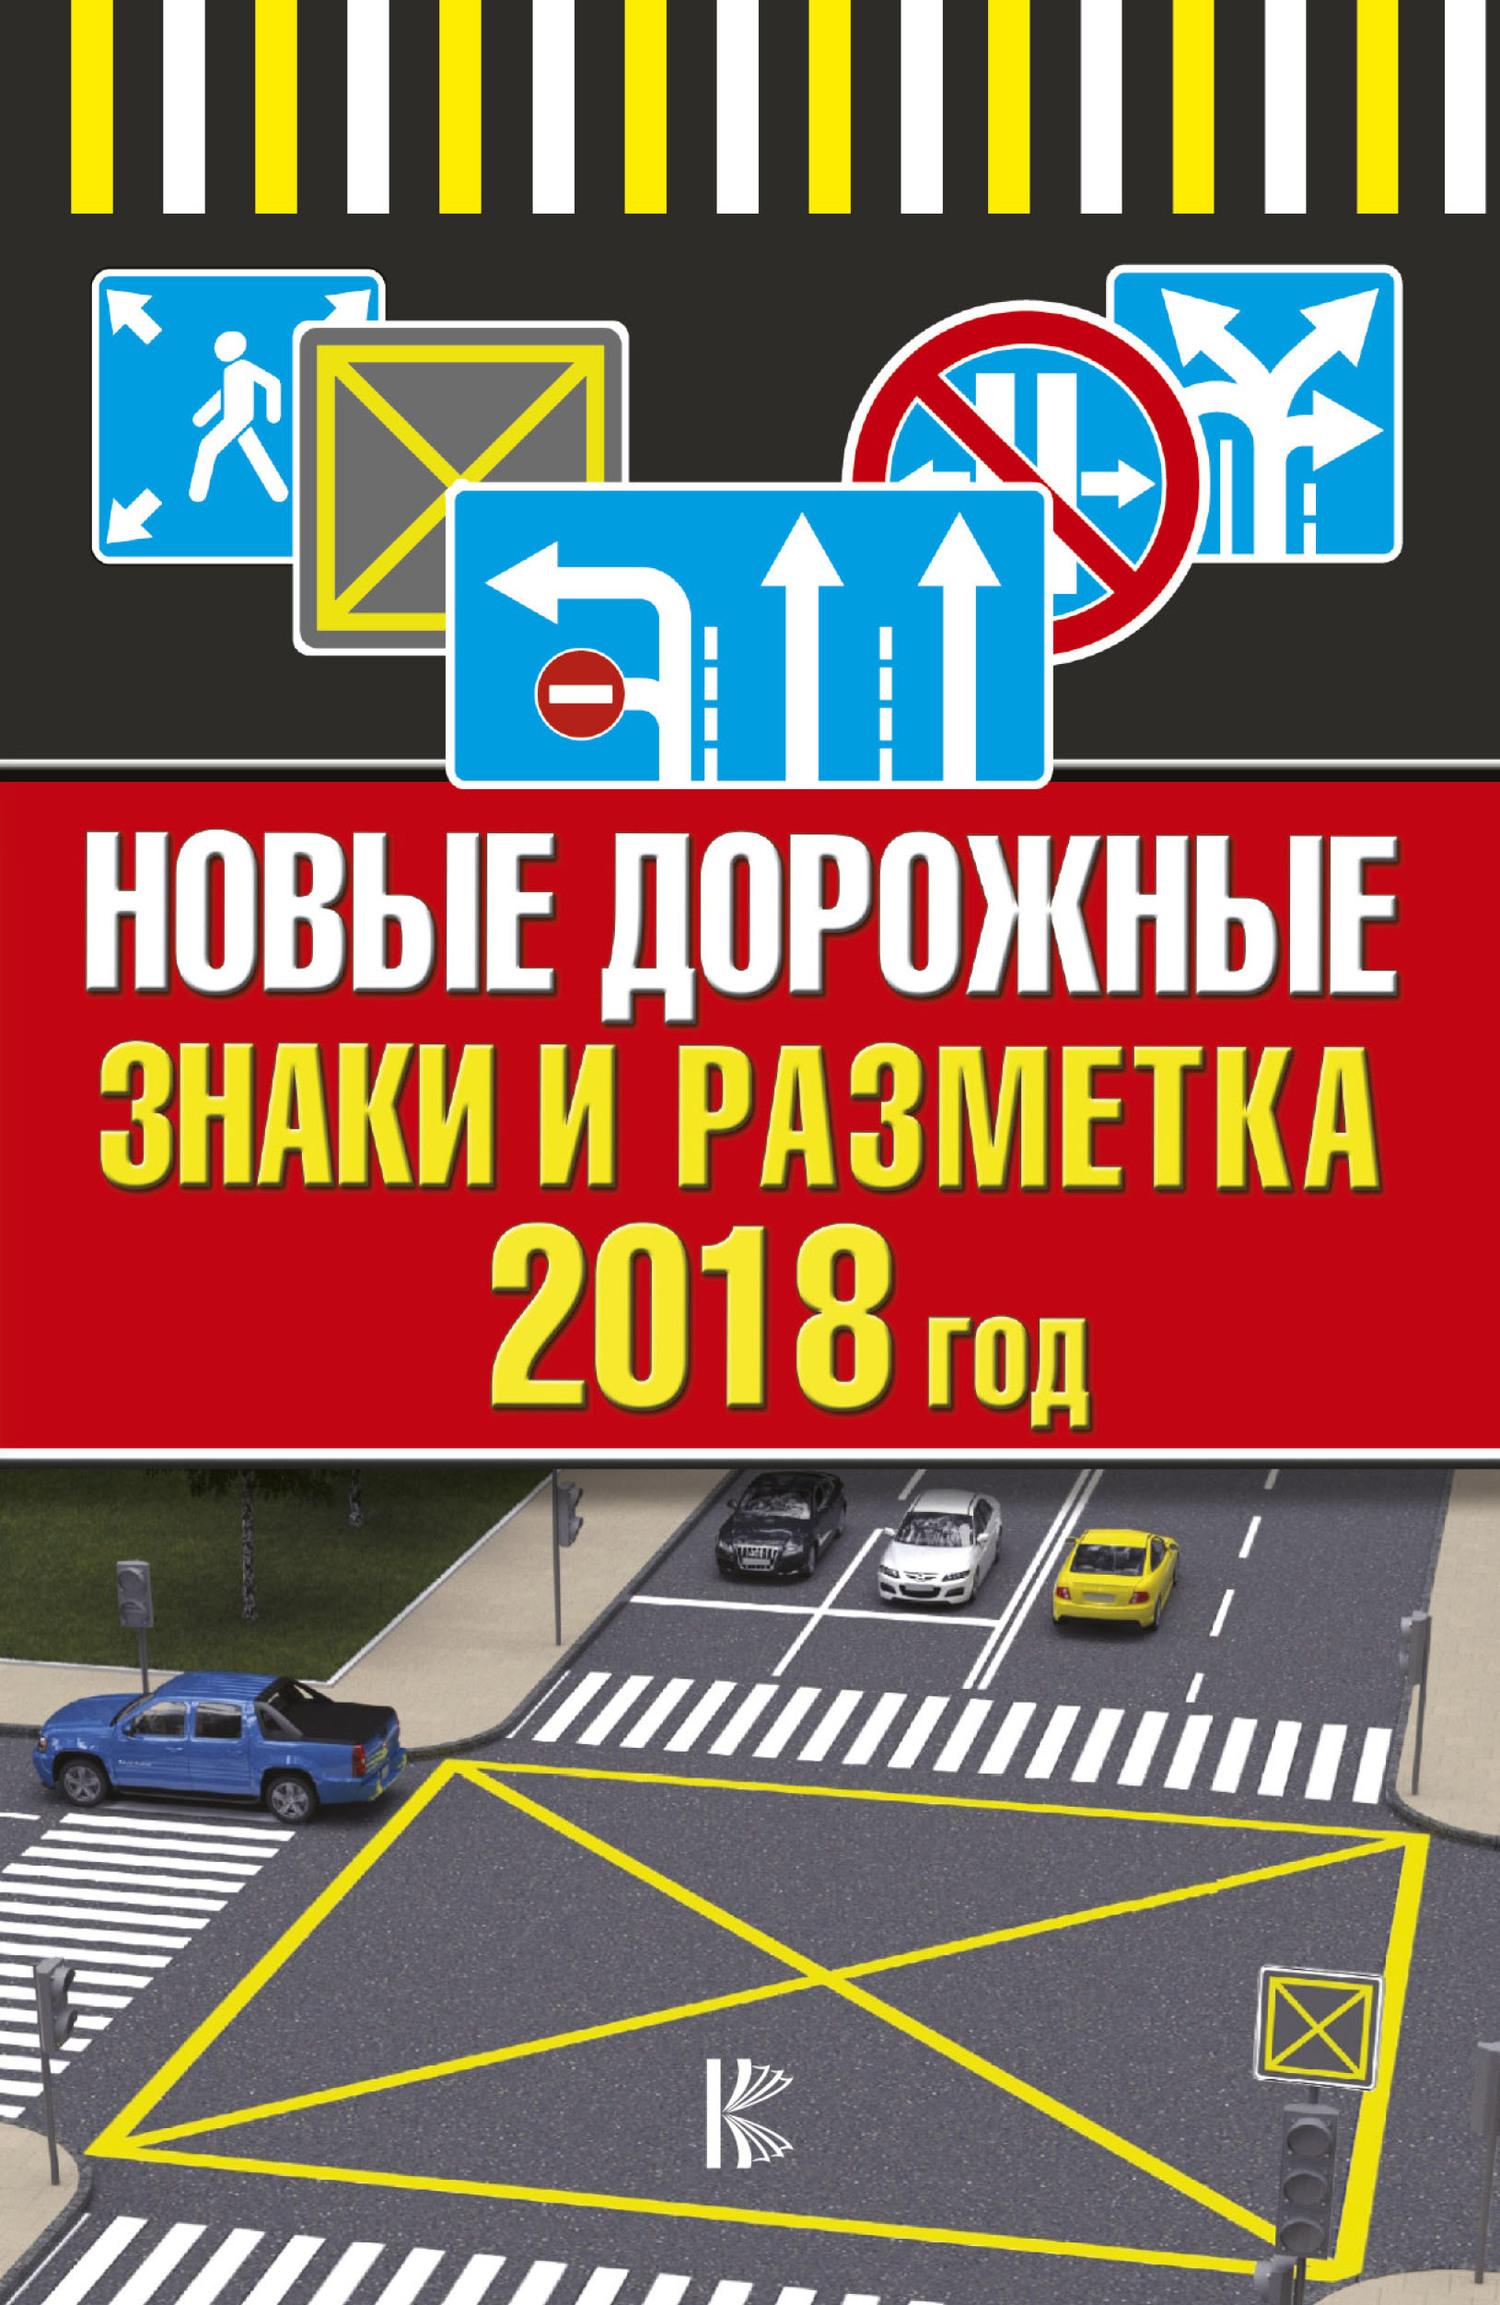 Отсутствует. Новые дорожные знаки и разметка на 2018 год